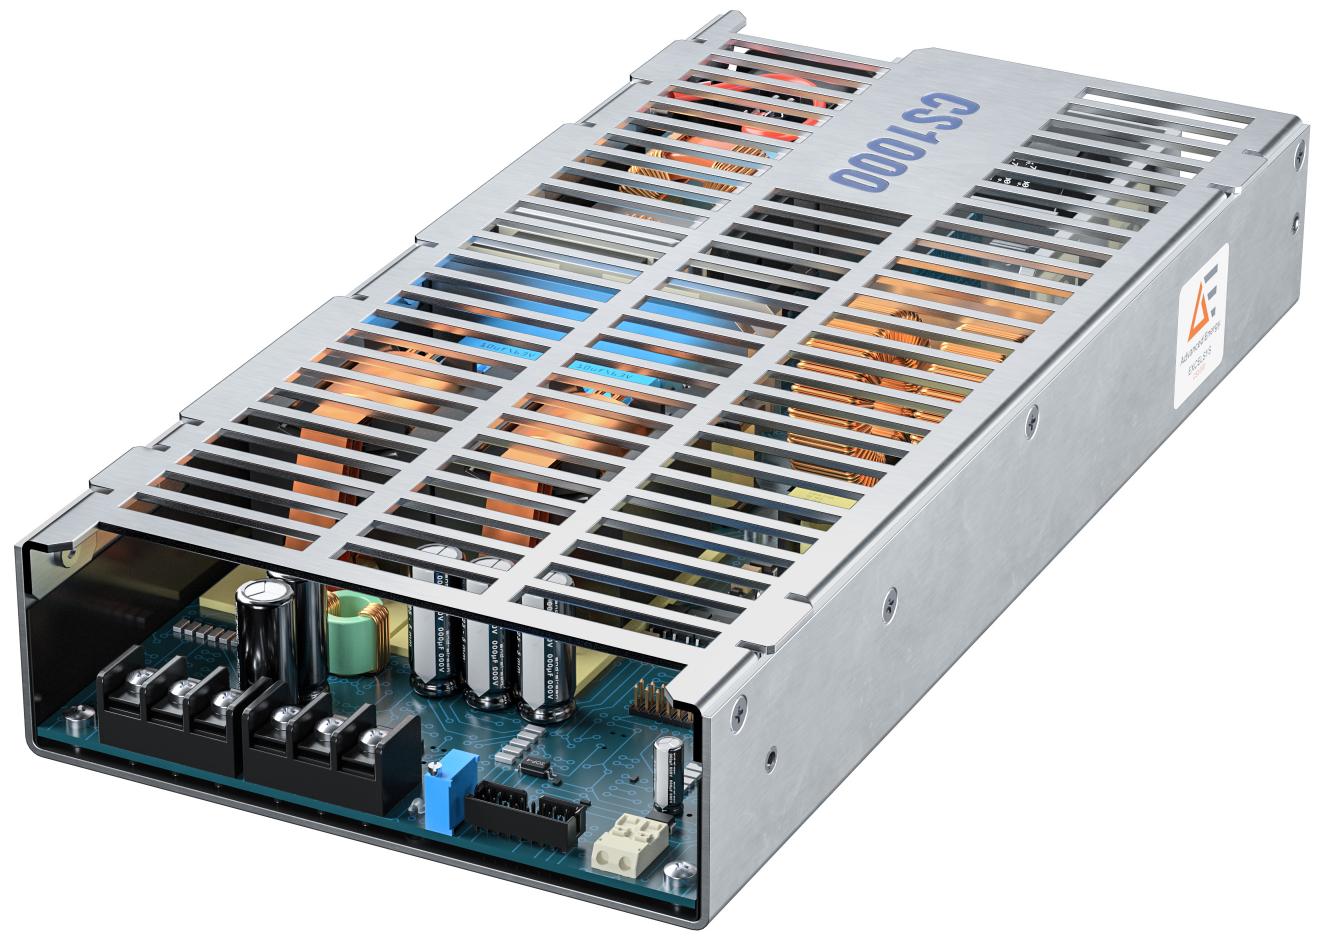 Advanced Energy 推出一系列输出功率极高但封装小巧并利用对流空气散热的创新性无风扇电源